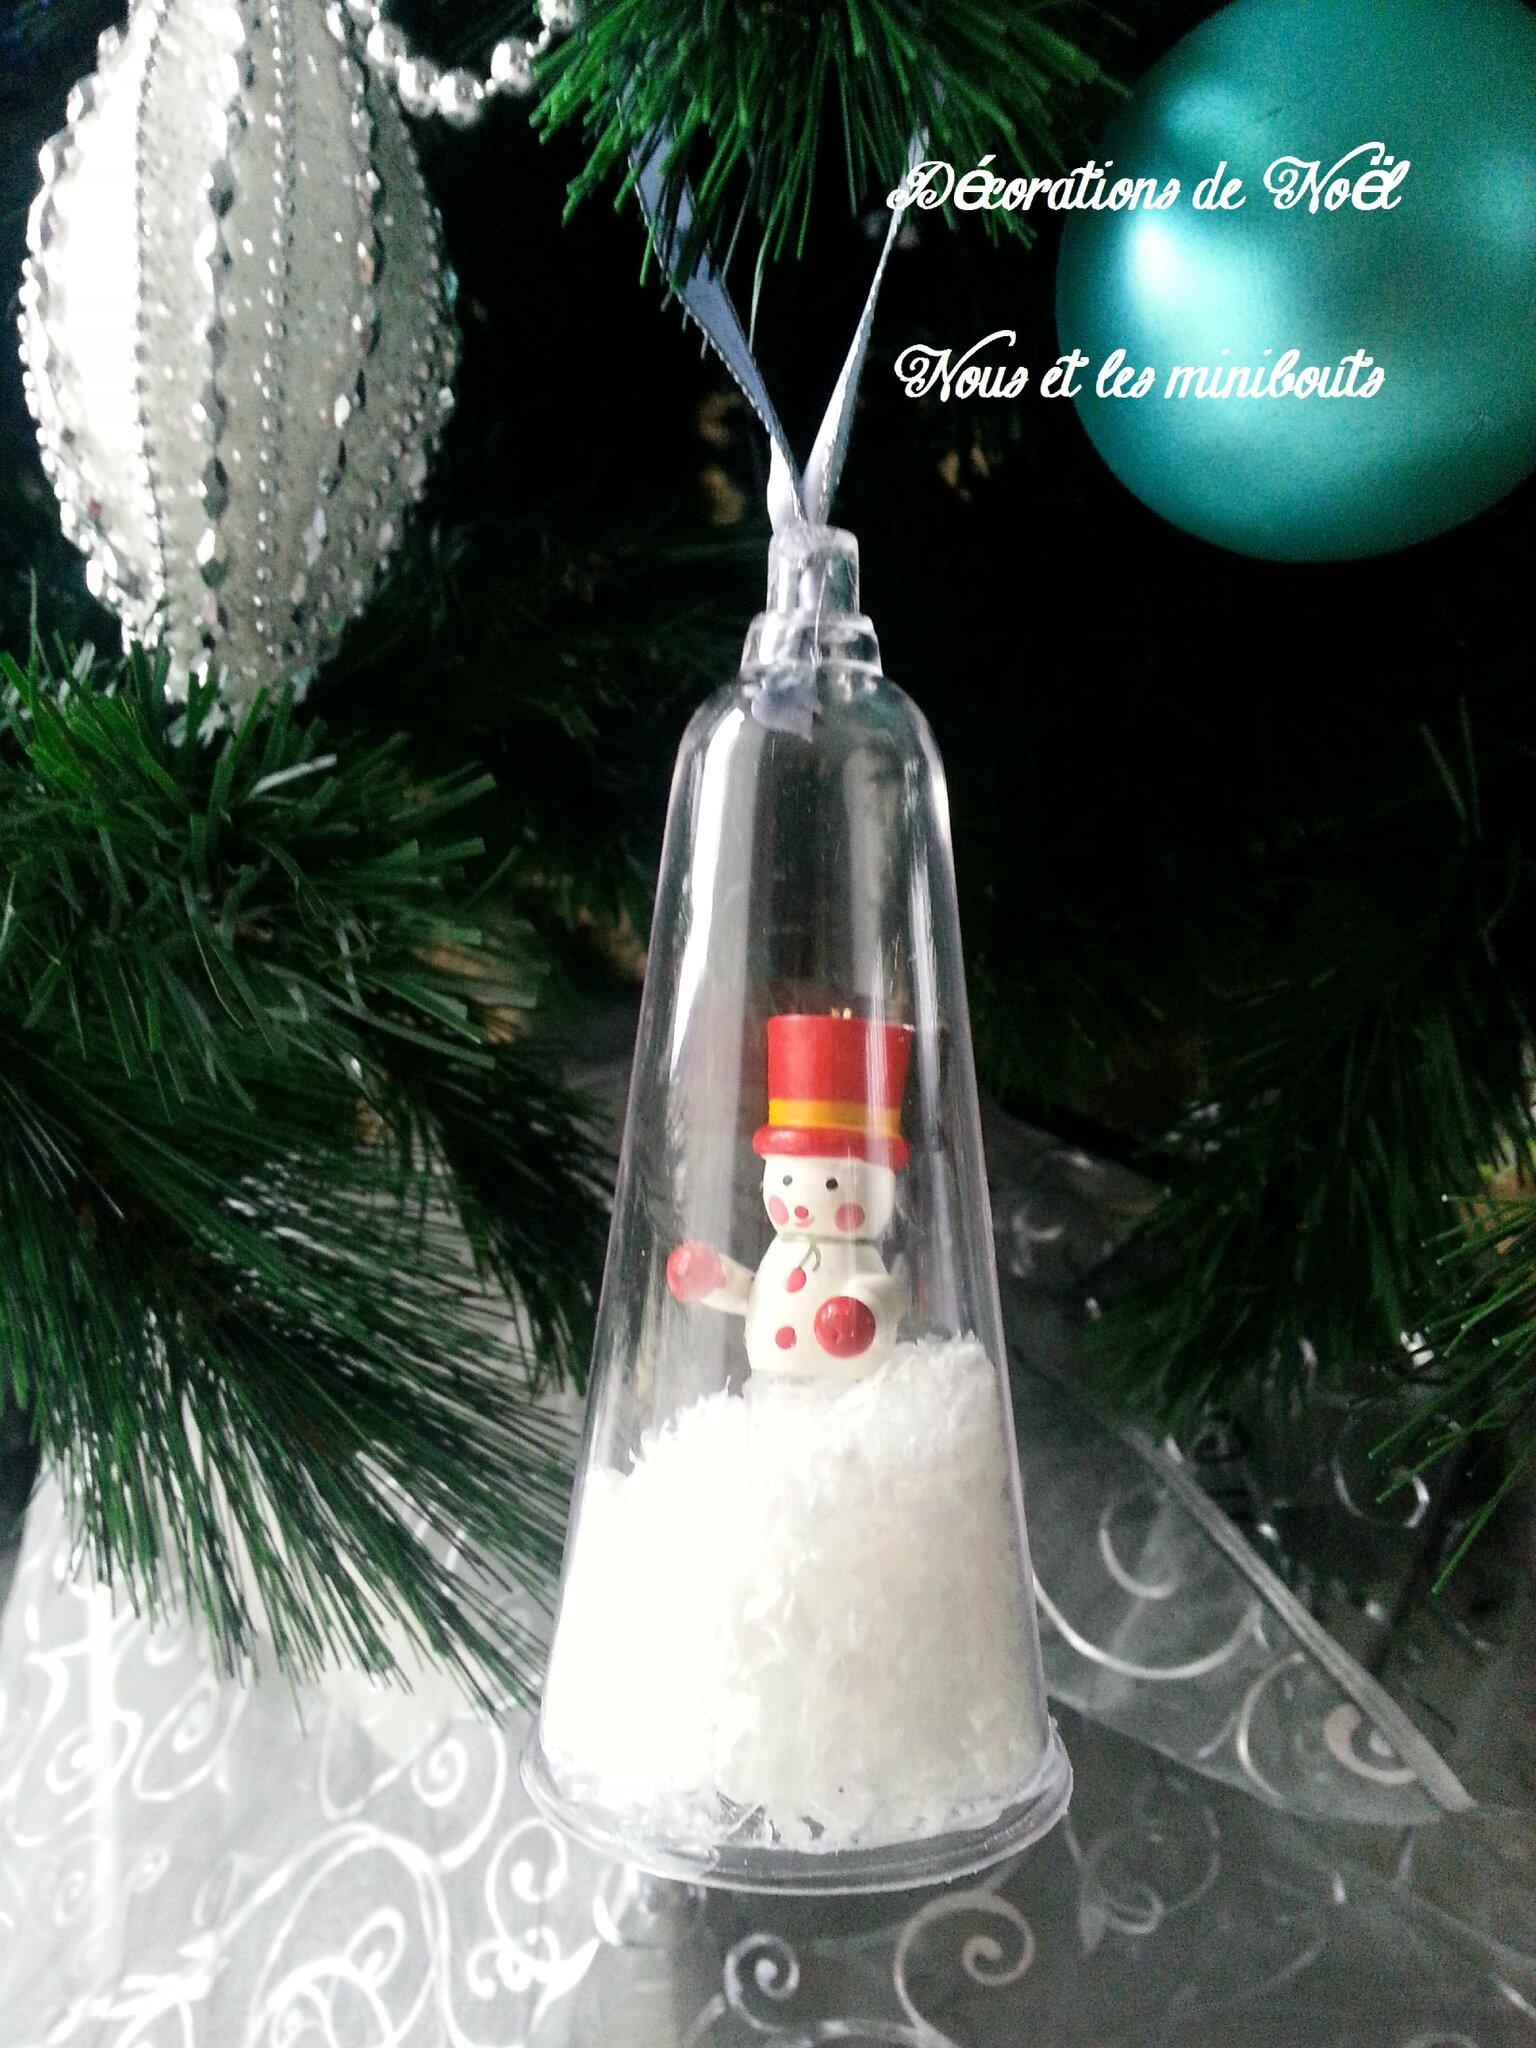 Decoration De Noel Boules De Neige Diy Nous Et Les Minibouts